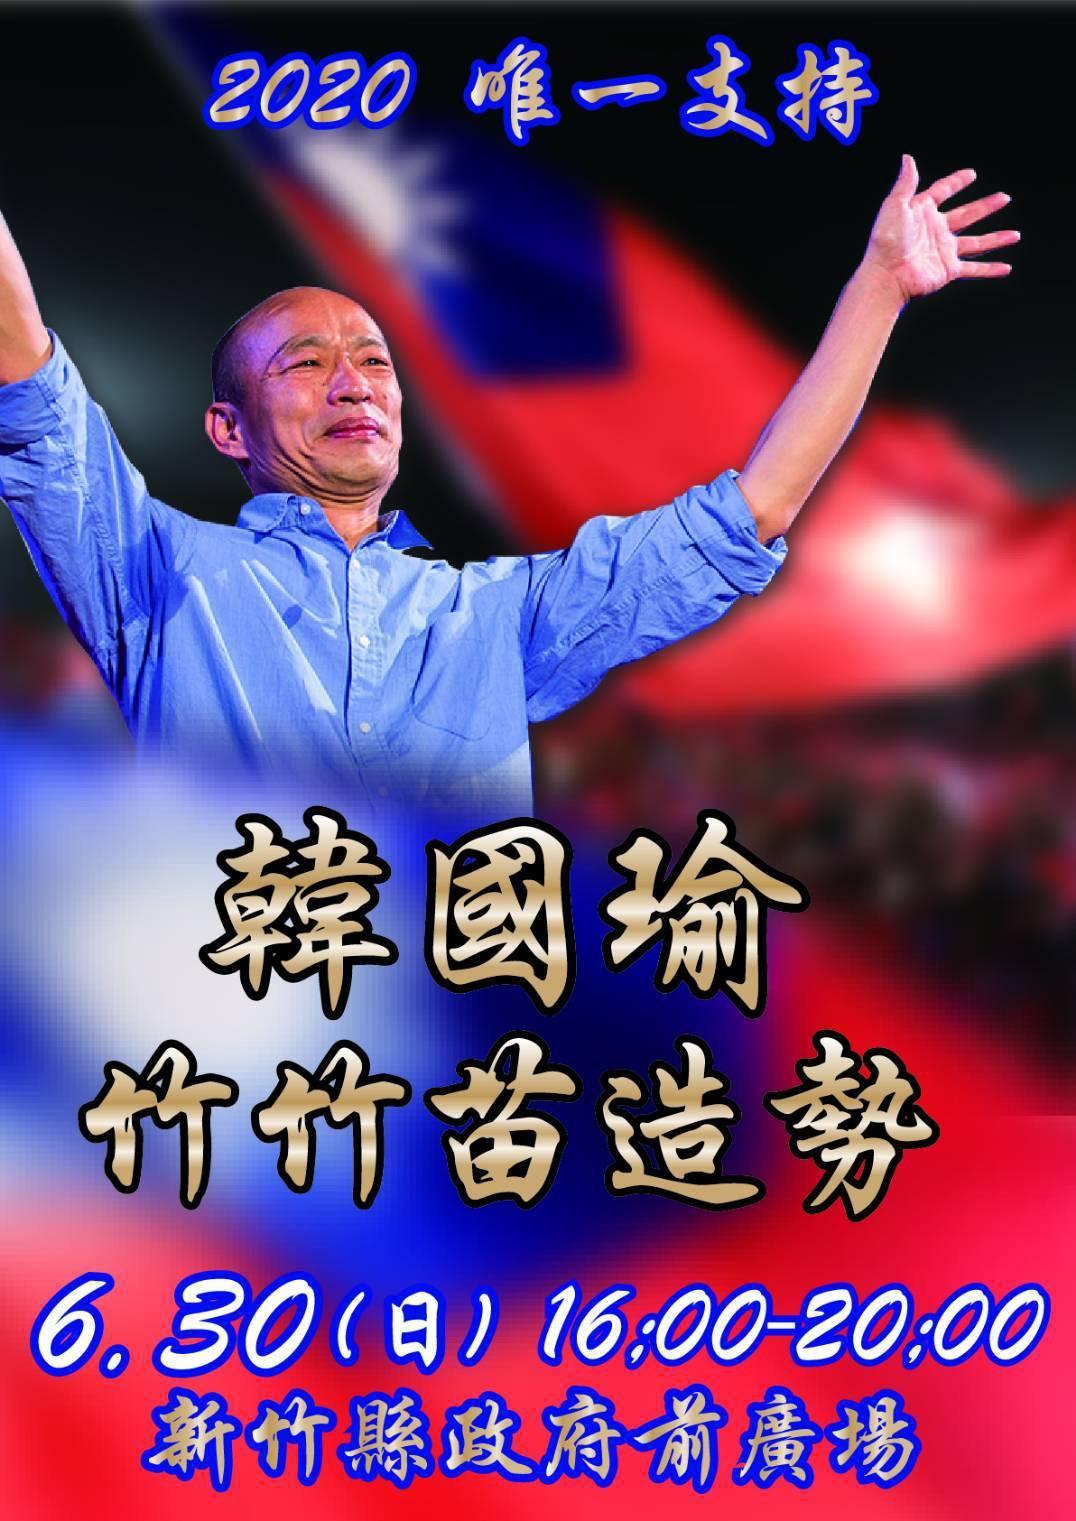 增加的6月30日新竹造勢場,意外成初選前的封關造勢的重要一役。記者郭政芬/翻攝